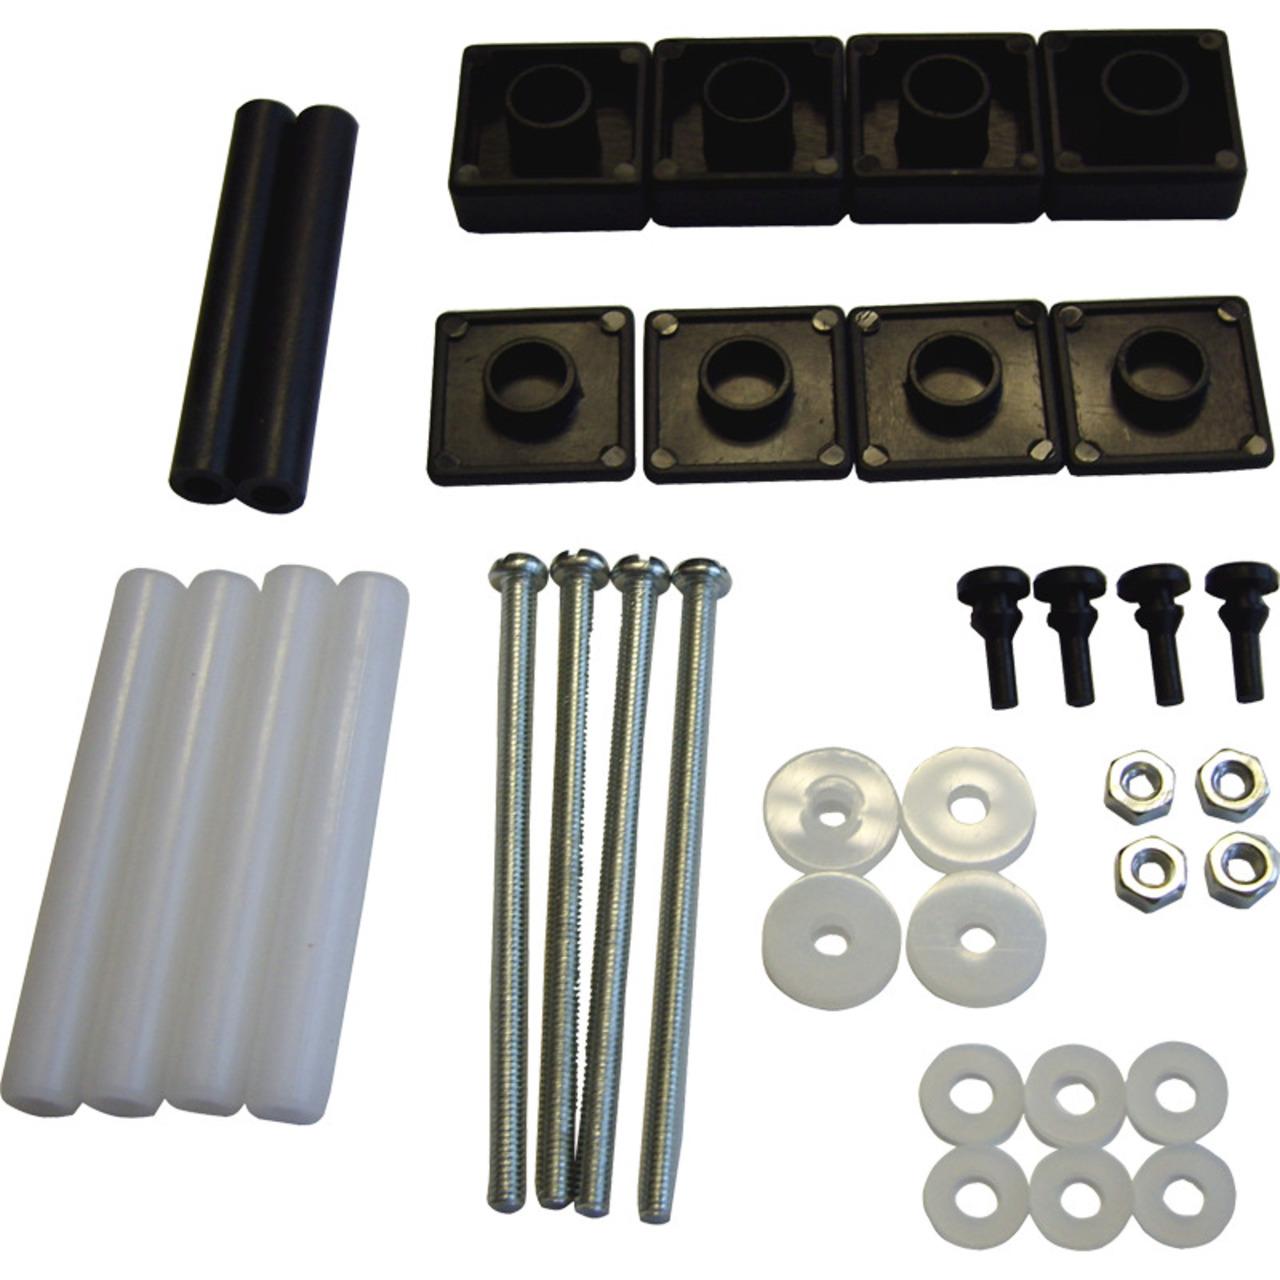 ELV Serie 7000 Montage-Zubehörsatz (36-teilig)- schwarz